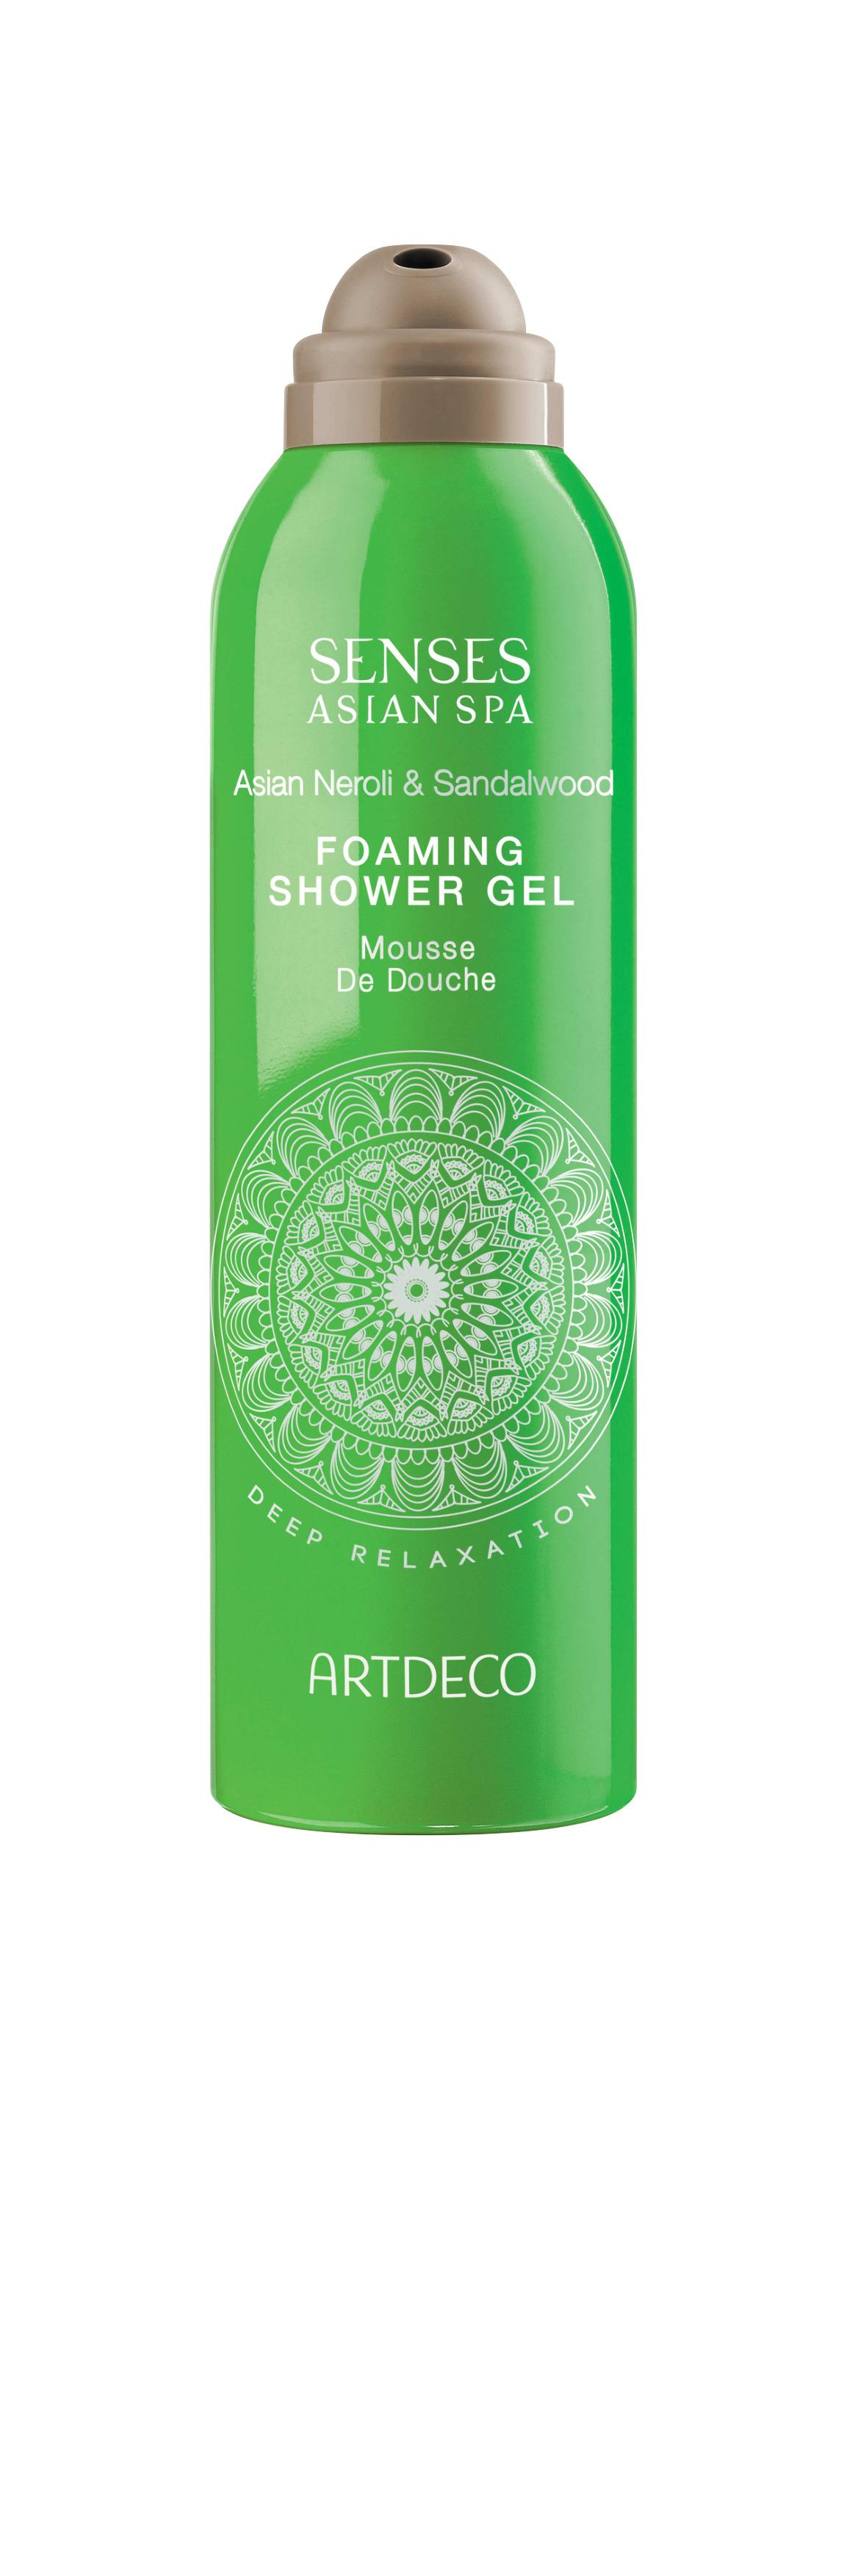 Artdeco гель-пена для душа Foaming shower gel, deep relaxation, 200 мл65200Нежно очищает кожу Успокаивающий эффект При контакте с водой становится воздушной пеной